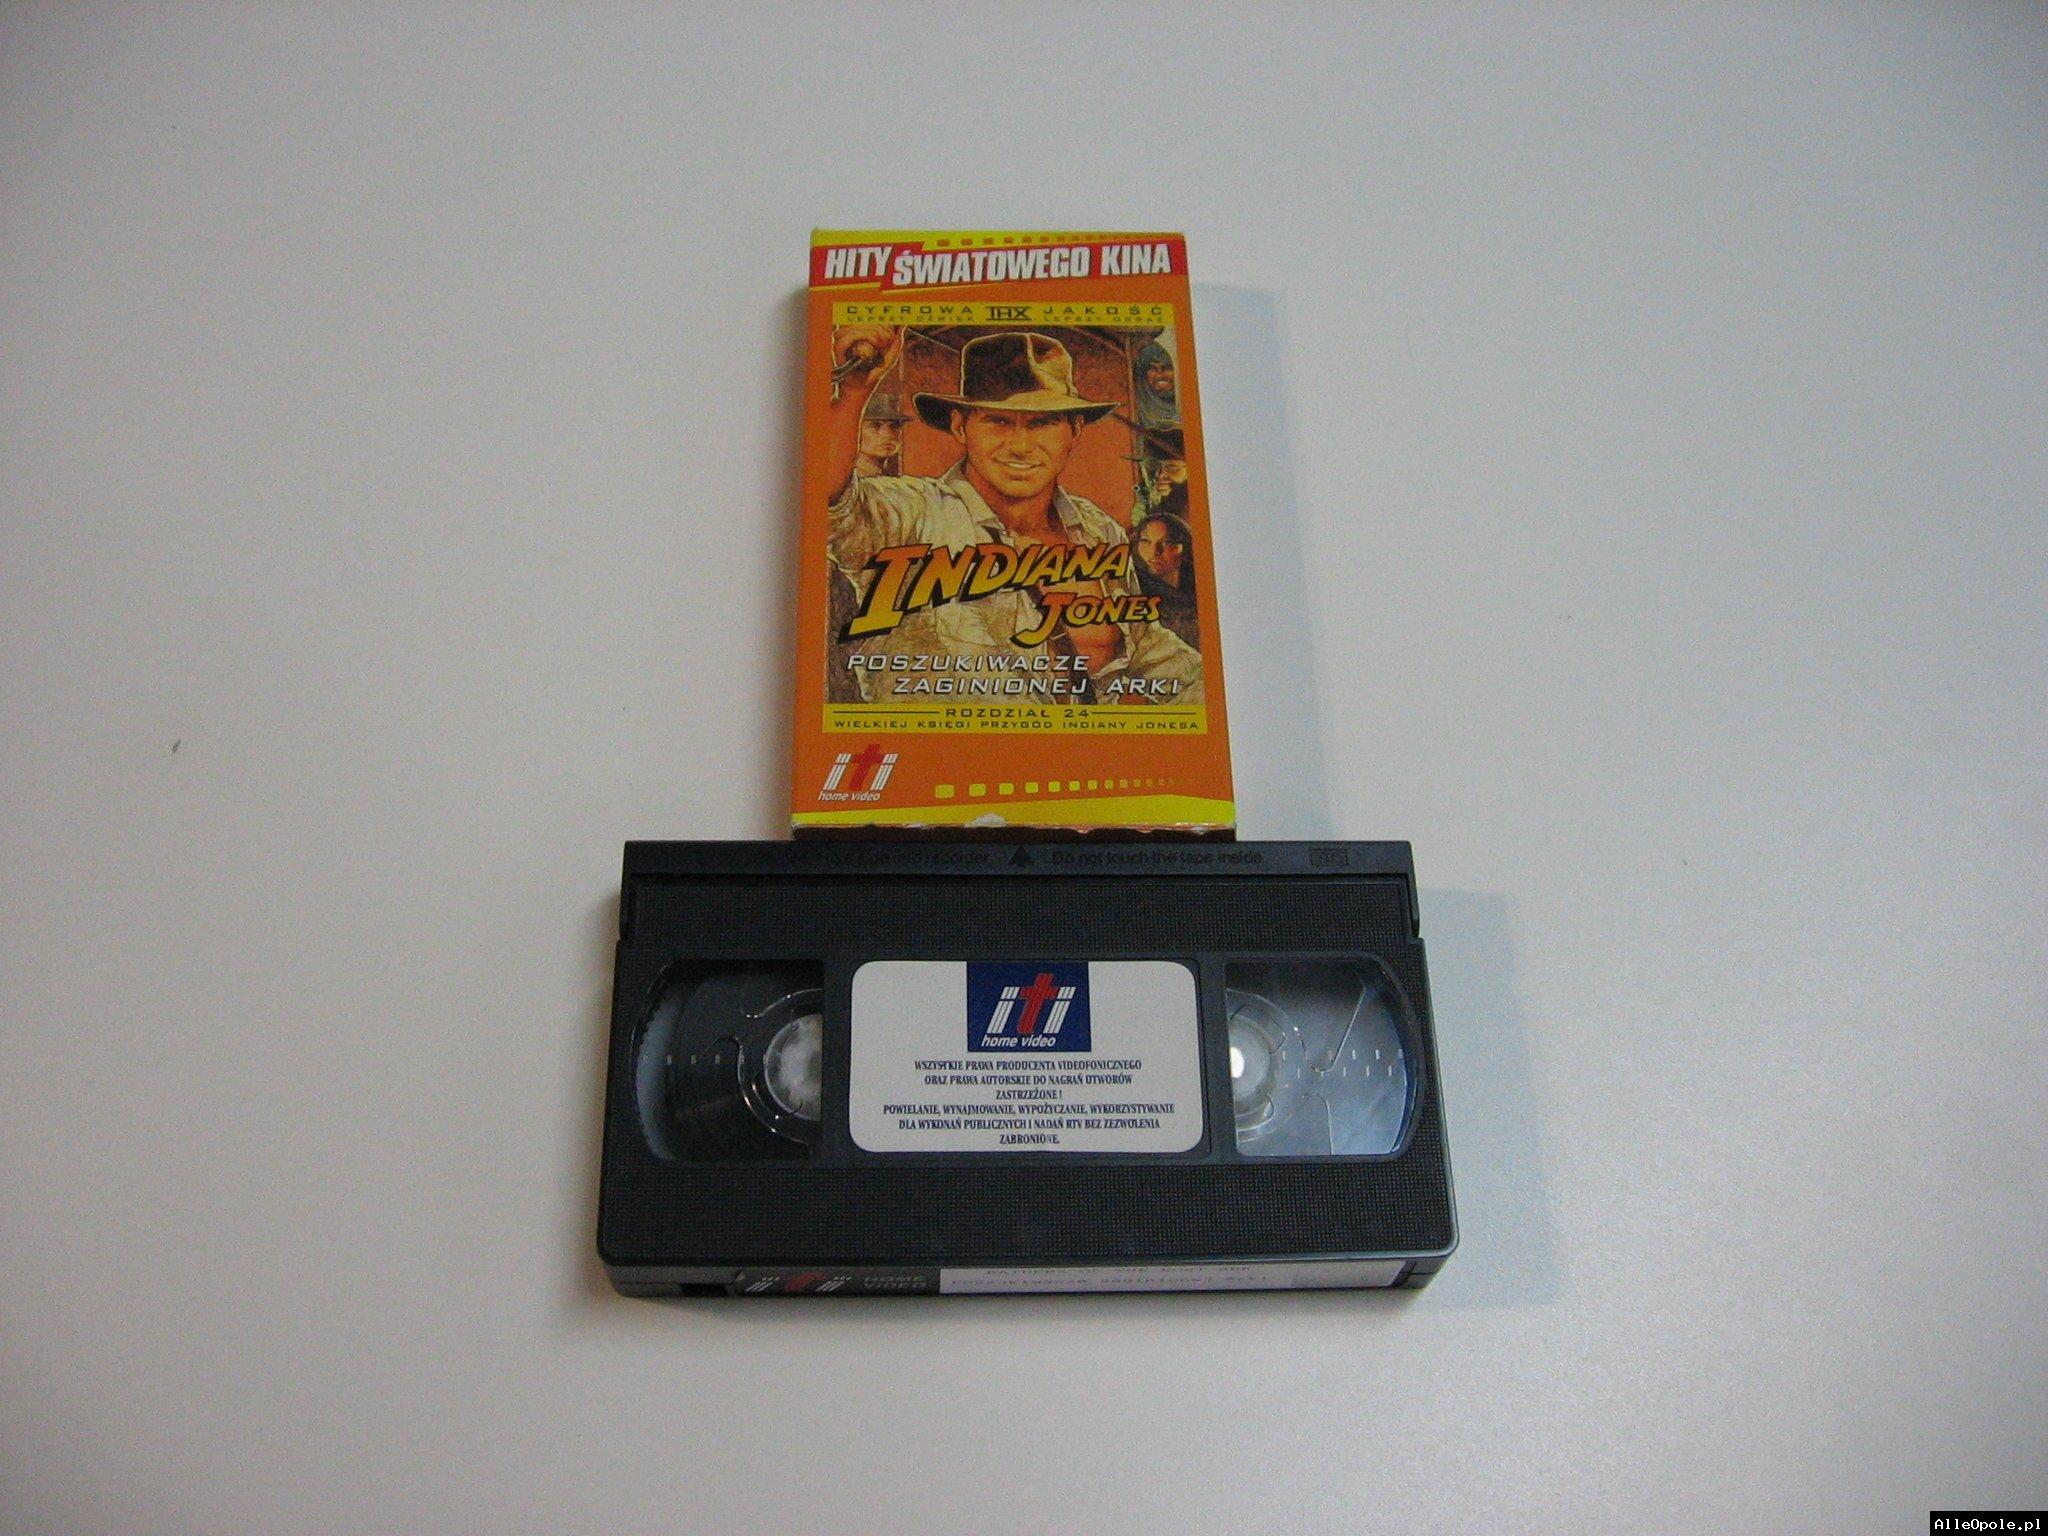 INDIANA JONES PISZUKIWACZE ZAGINIONEJ ARKI - VHS Kaseta Video - Opole 1794